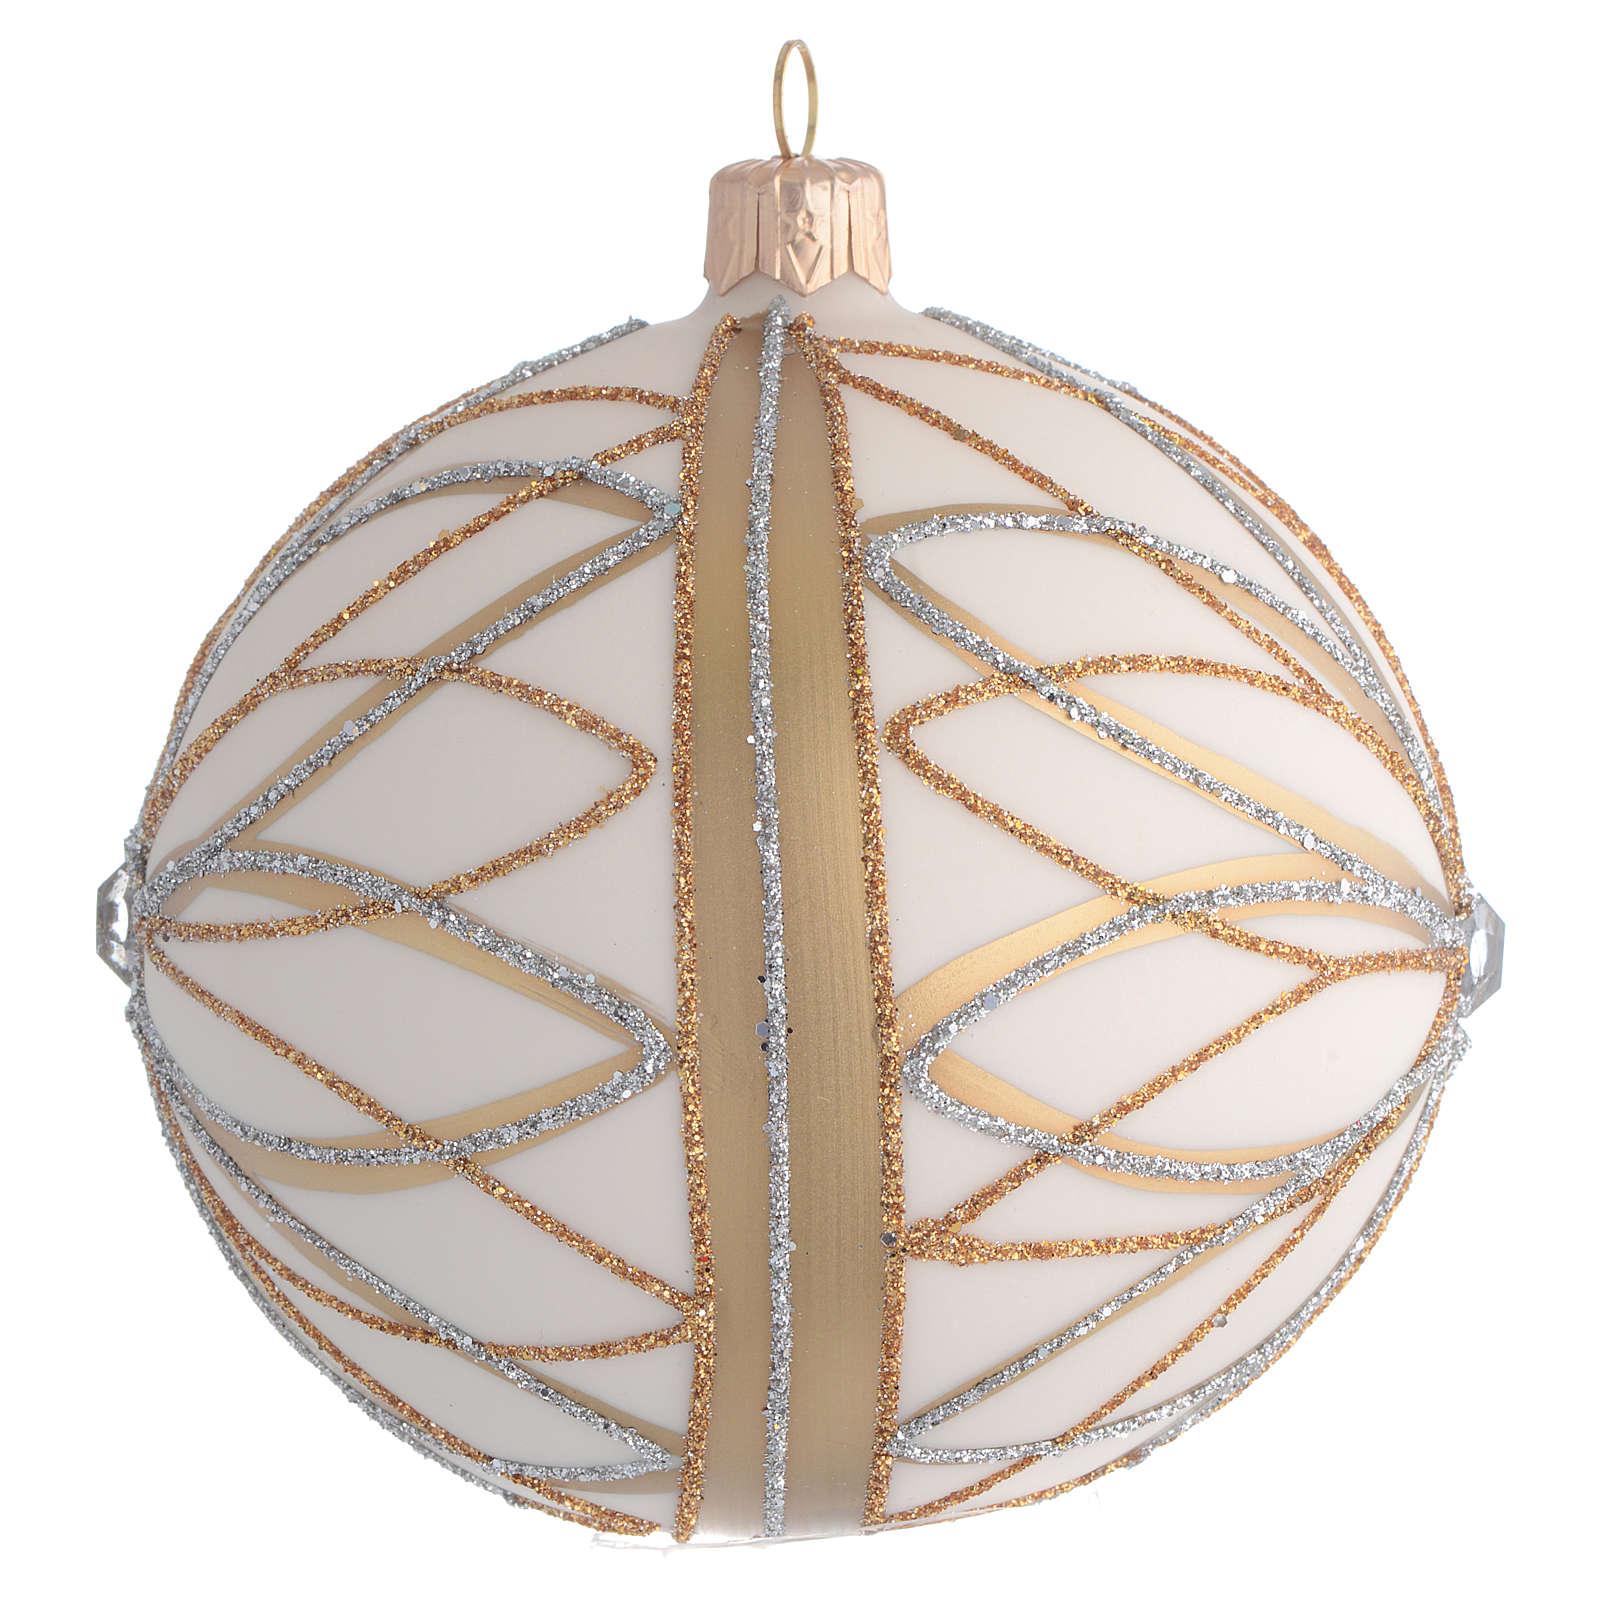 Pallina di Natale Panna oro argento 100 mm 4